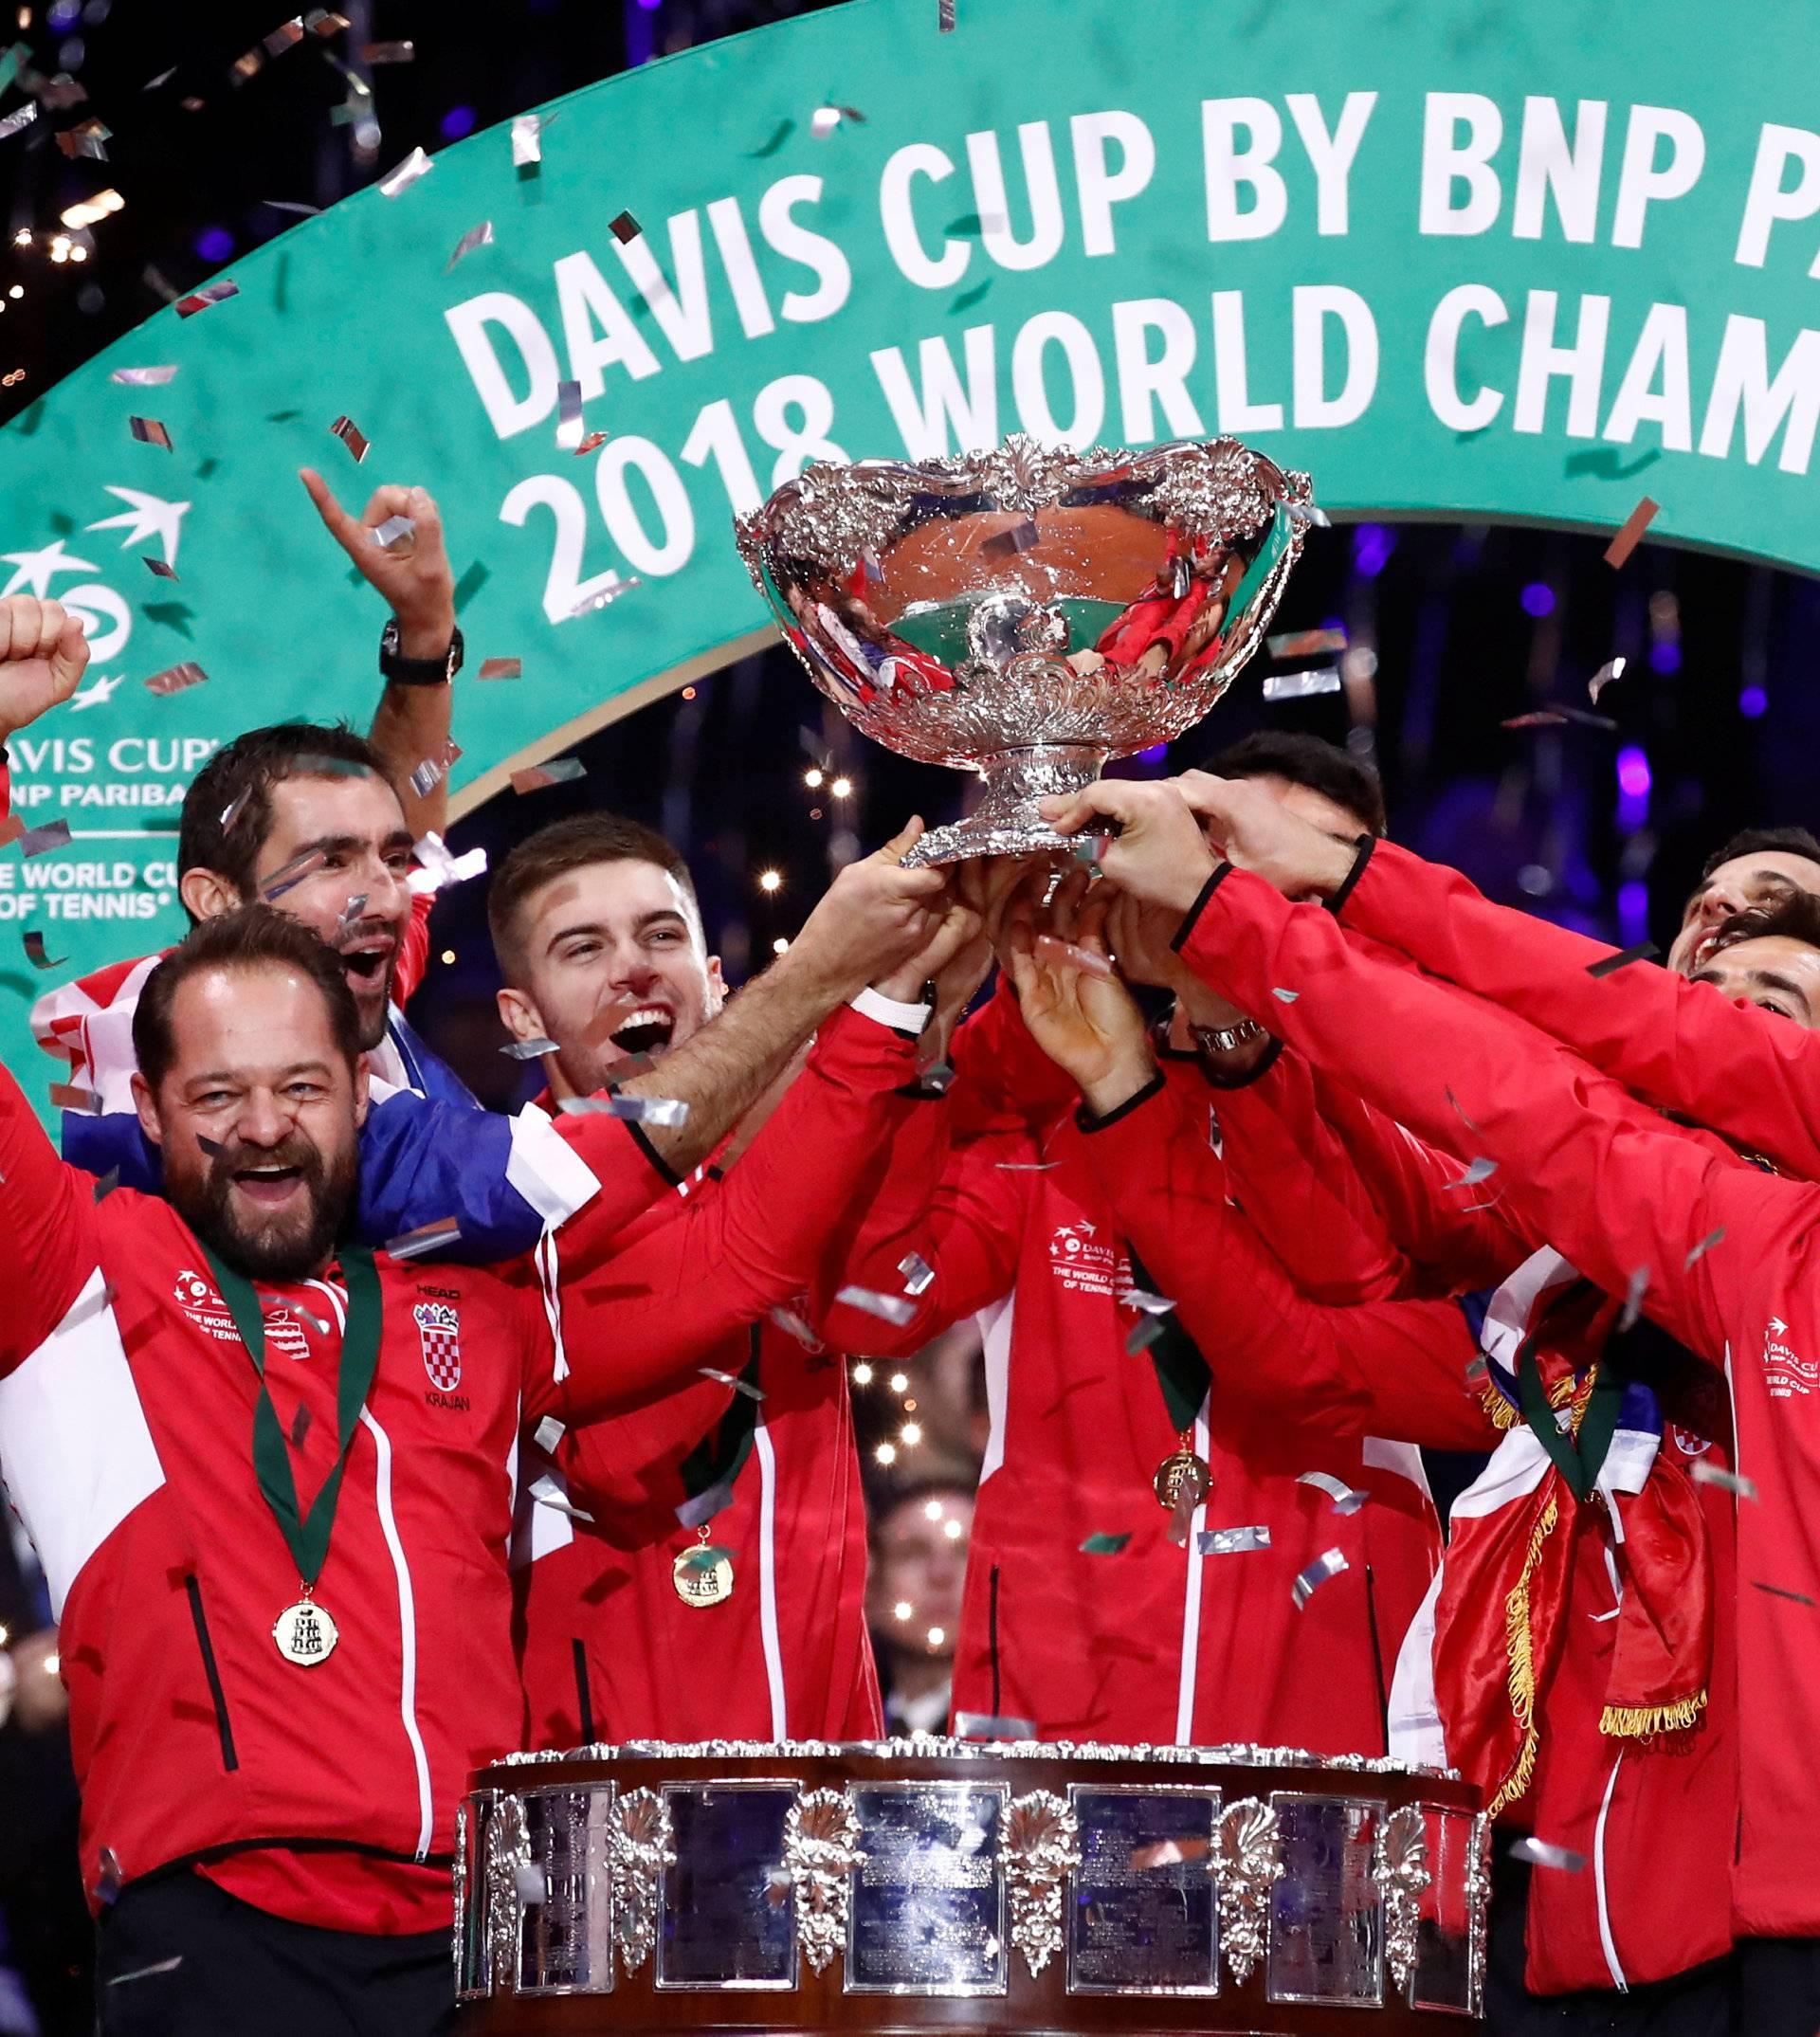 Davis Cup Final - France v Croatia